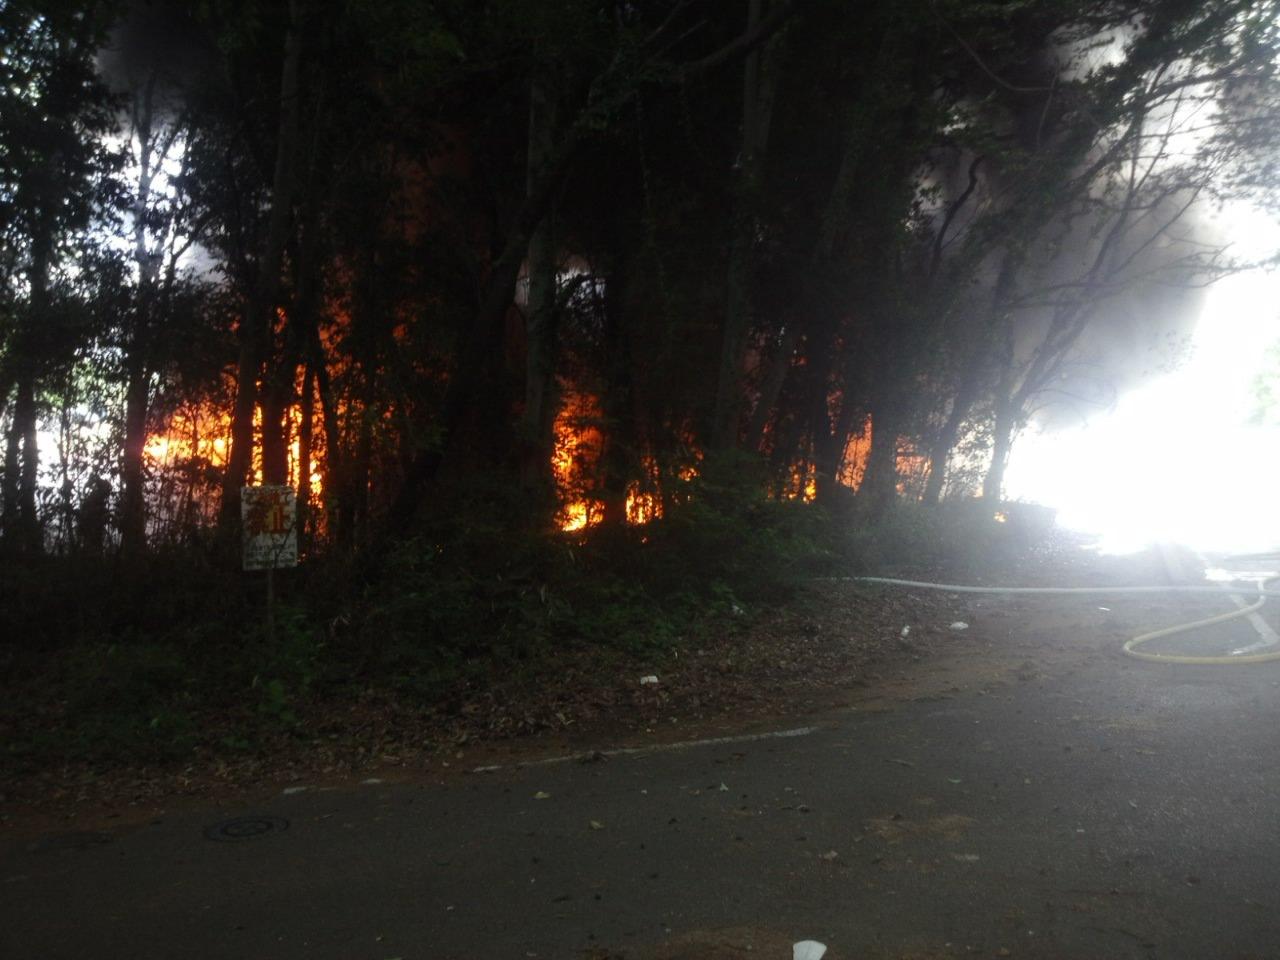 栃木市岩舟町の廃棄場で大量の黒煙を上げる火事の現場画像